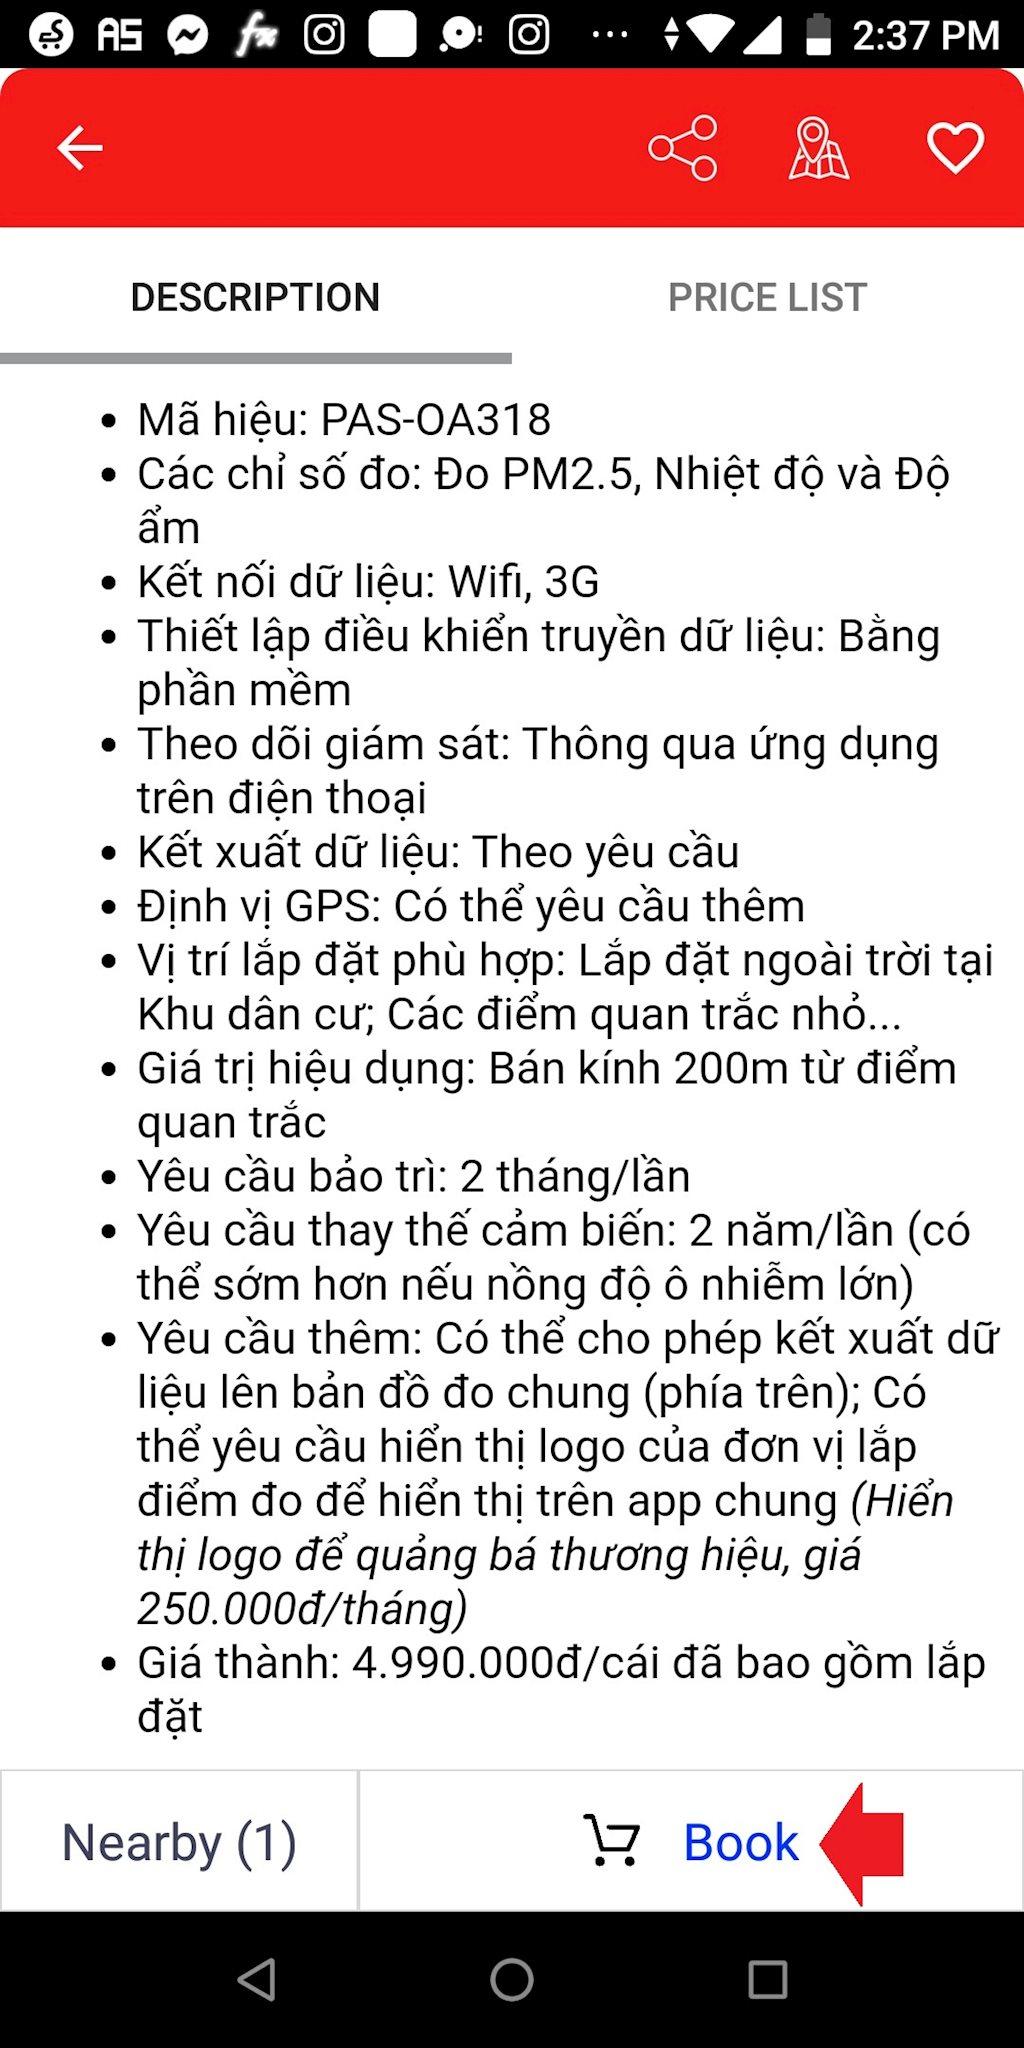 b3-lap-diem-do-chat-luong-khong-khi-pam-air-nhu-the-nao-gia-bao-nhieu-dat-lap-thiet-bi-do-chat-luong-khong-khi-pam-air-o-dau-screenshot_20191009-143718.jpg